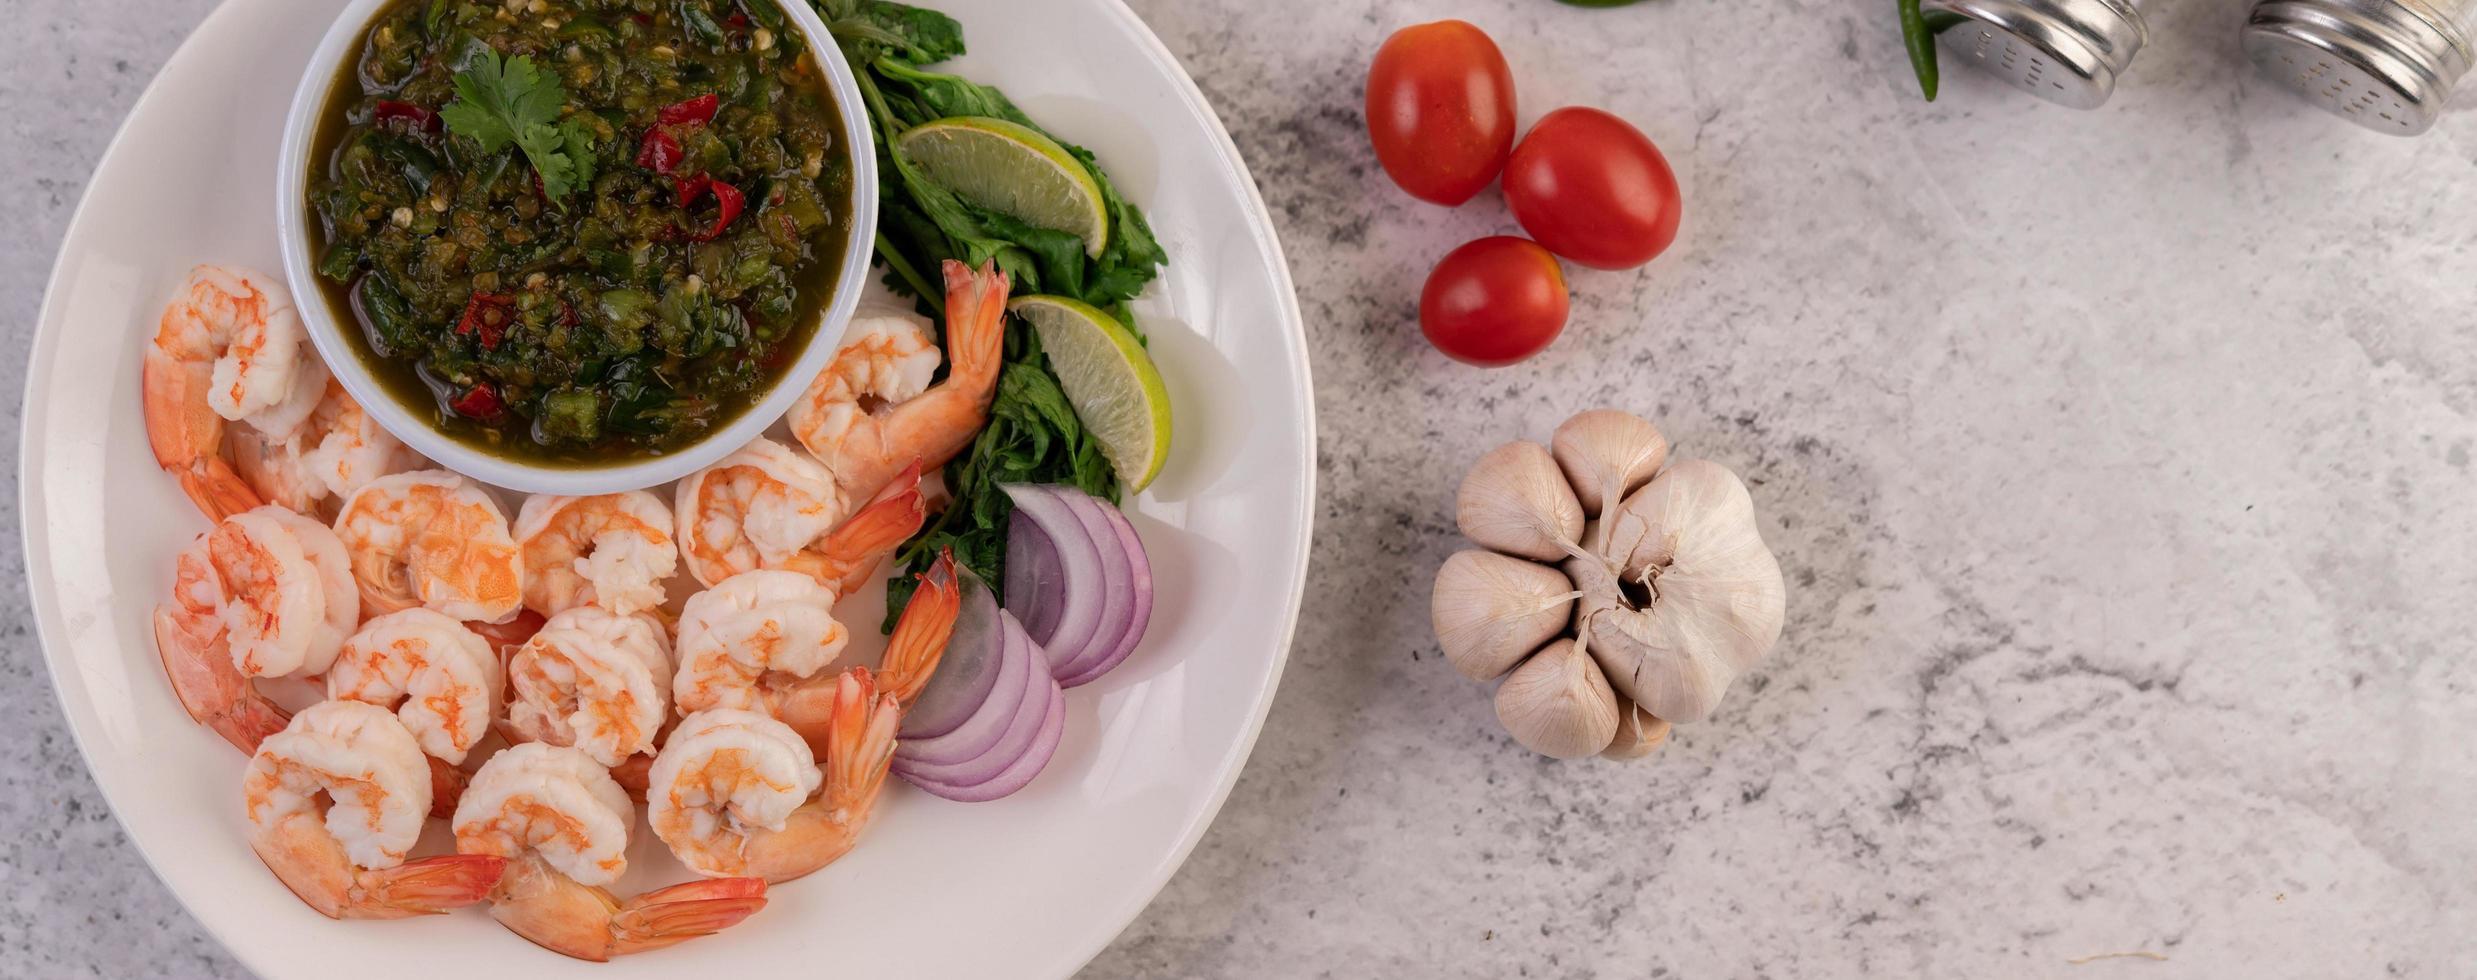 pose plate de crevettes cuites photo